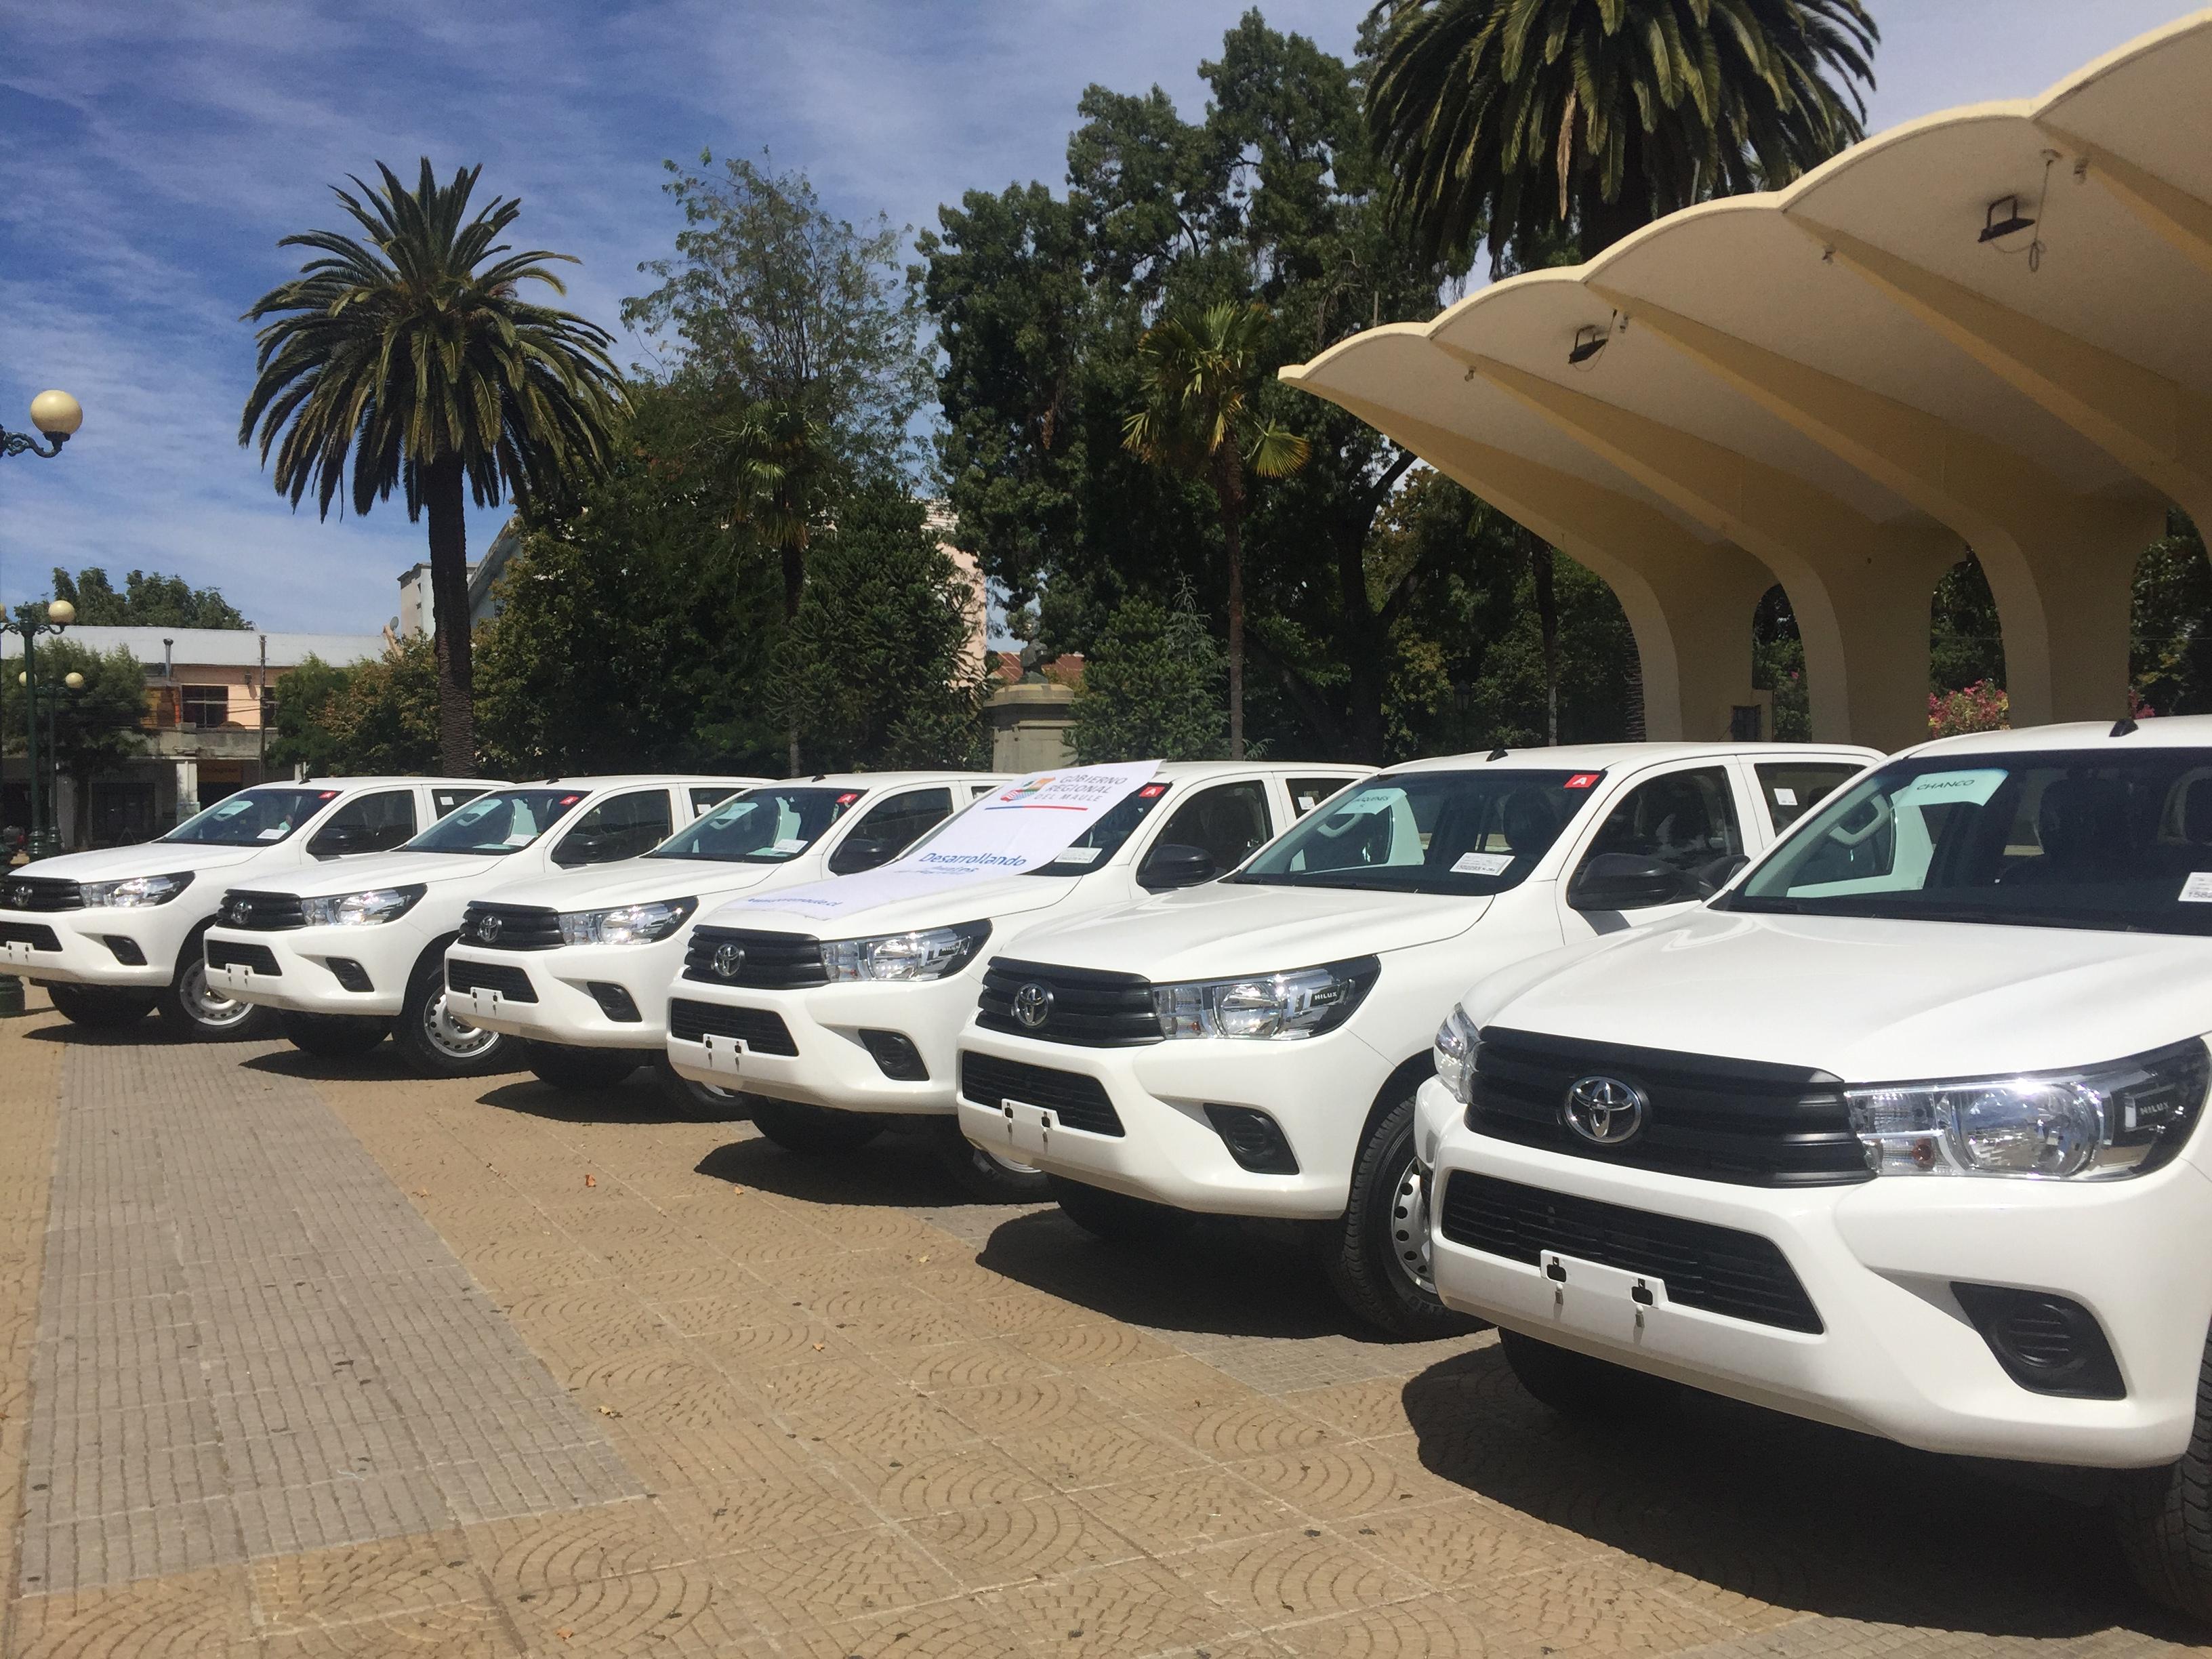 CORE entrega flota de vehículos en provincia de Cauquenes